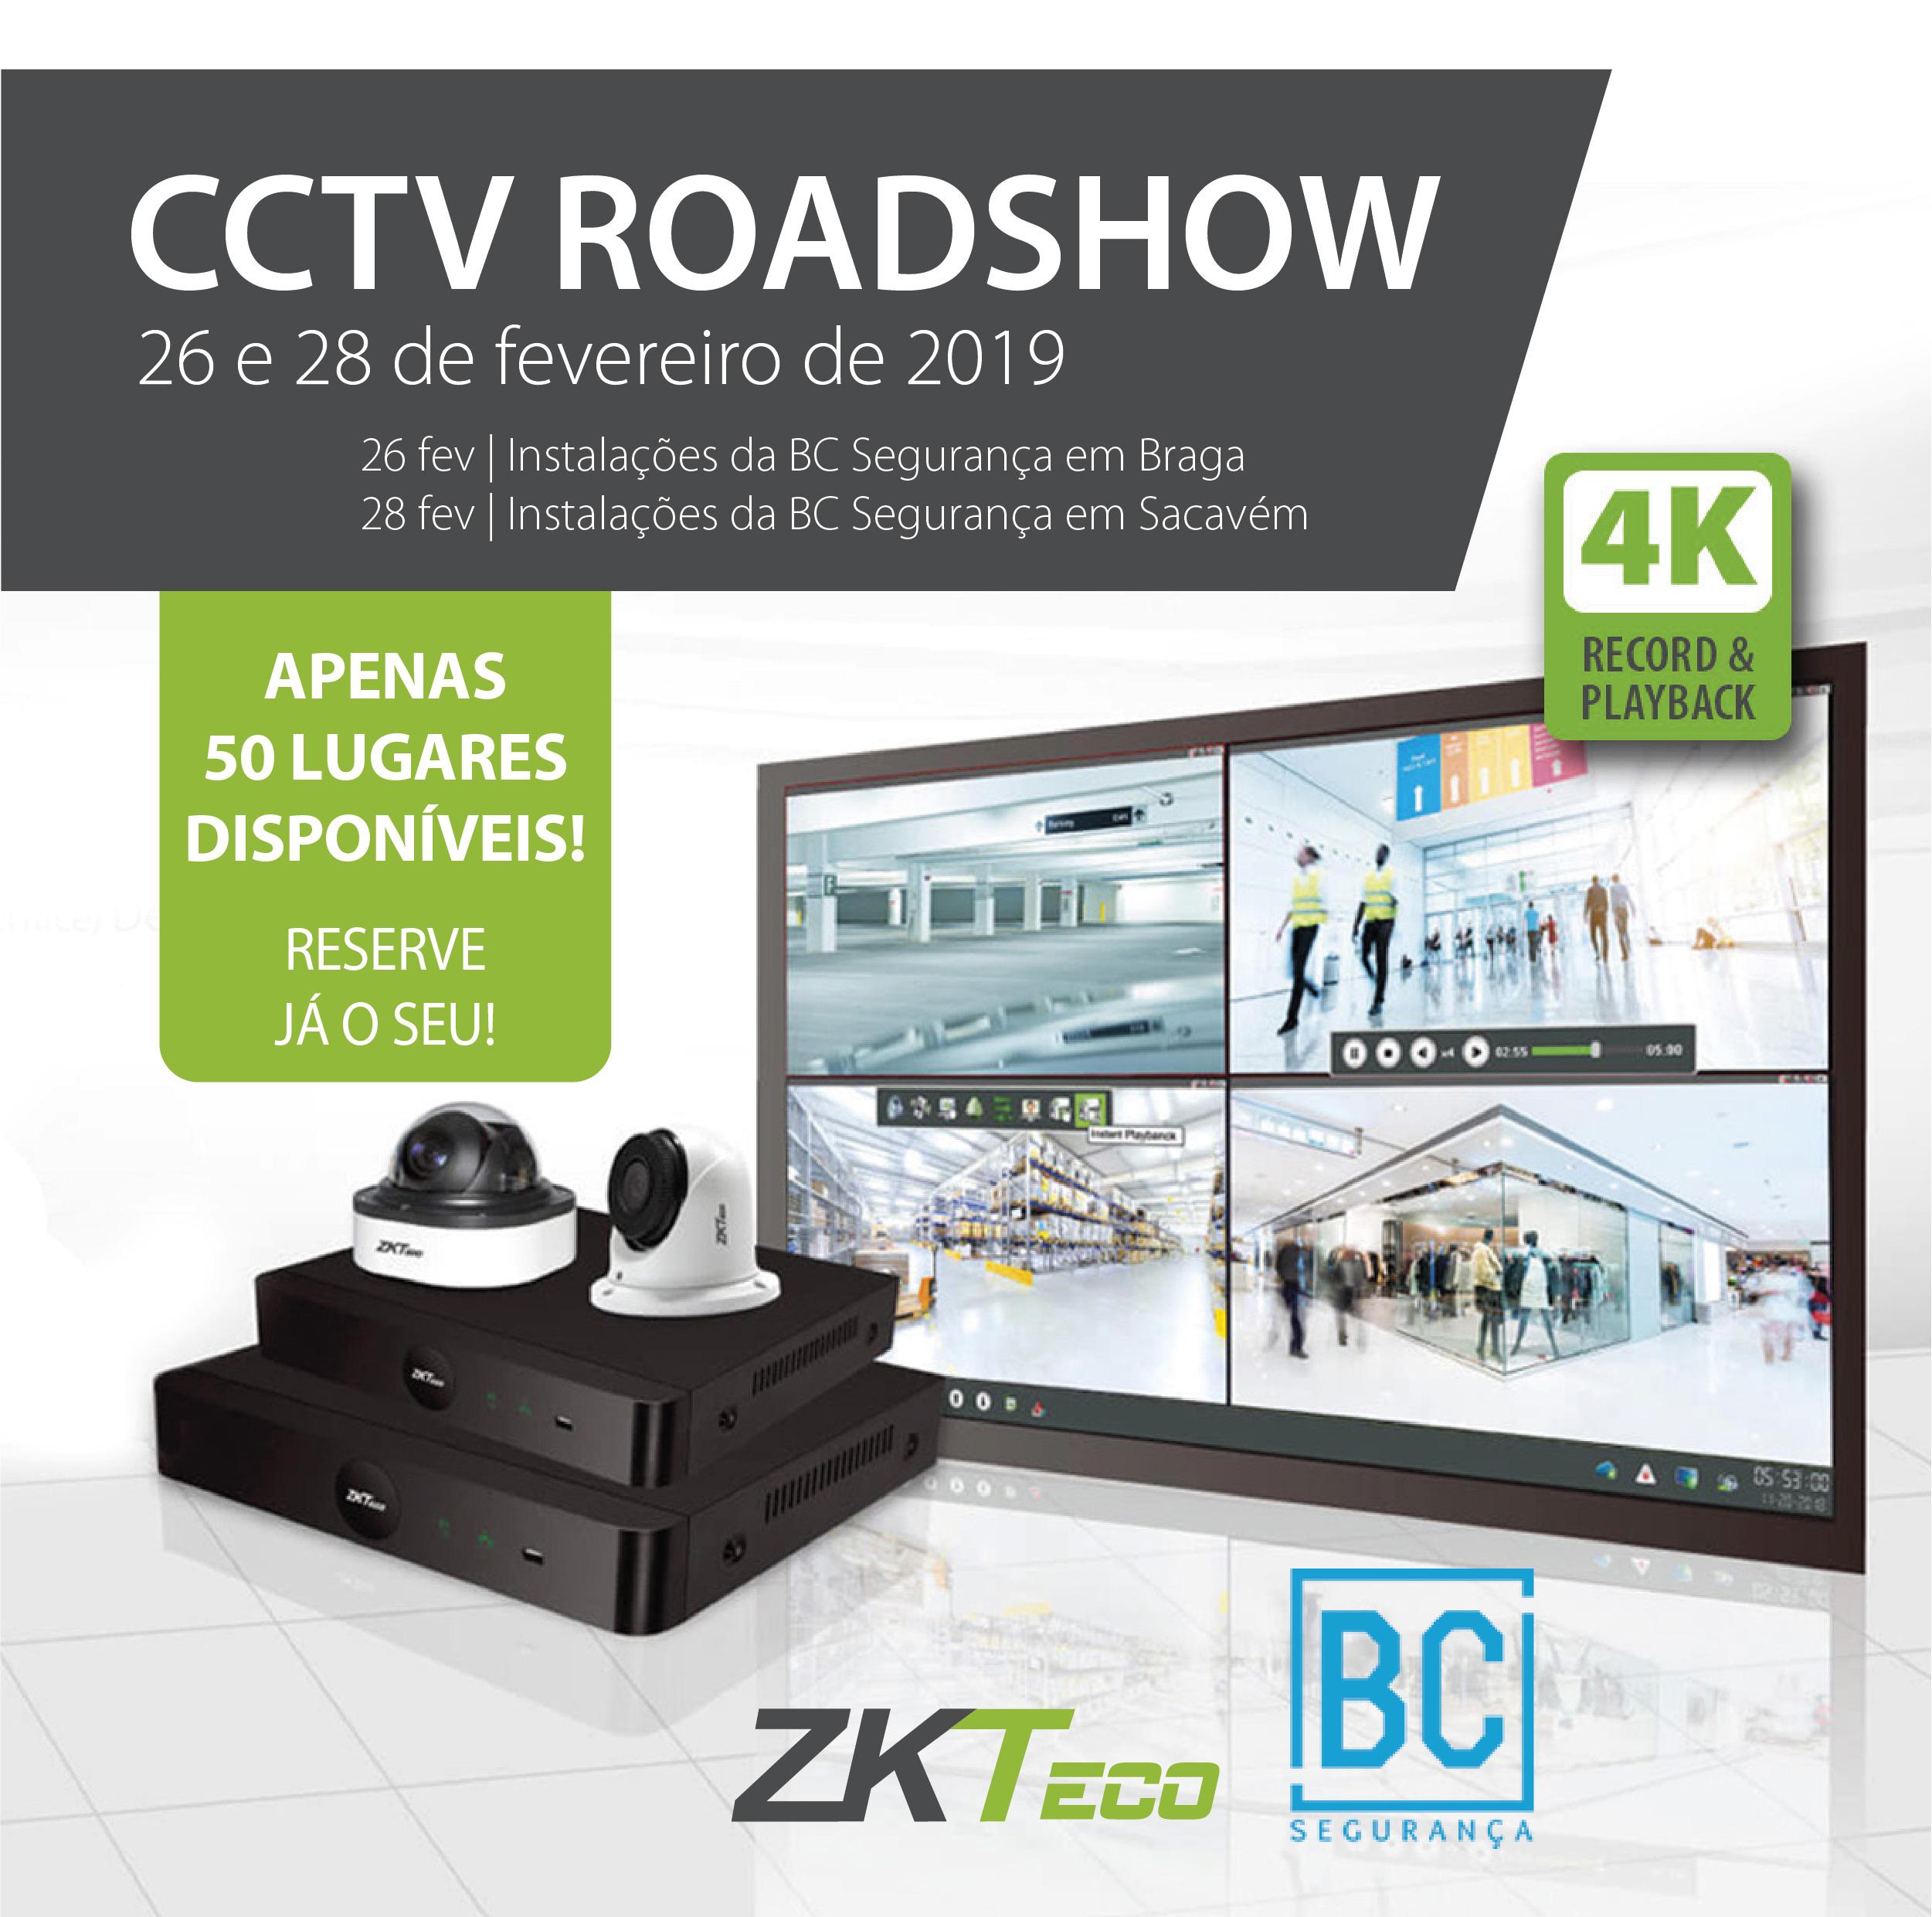 Roadshow CCTV BC SEGURANÇA | ZKTeco